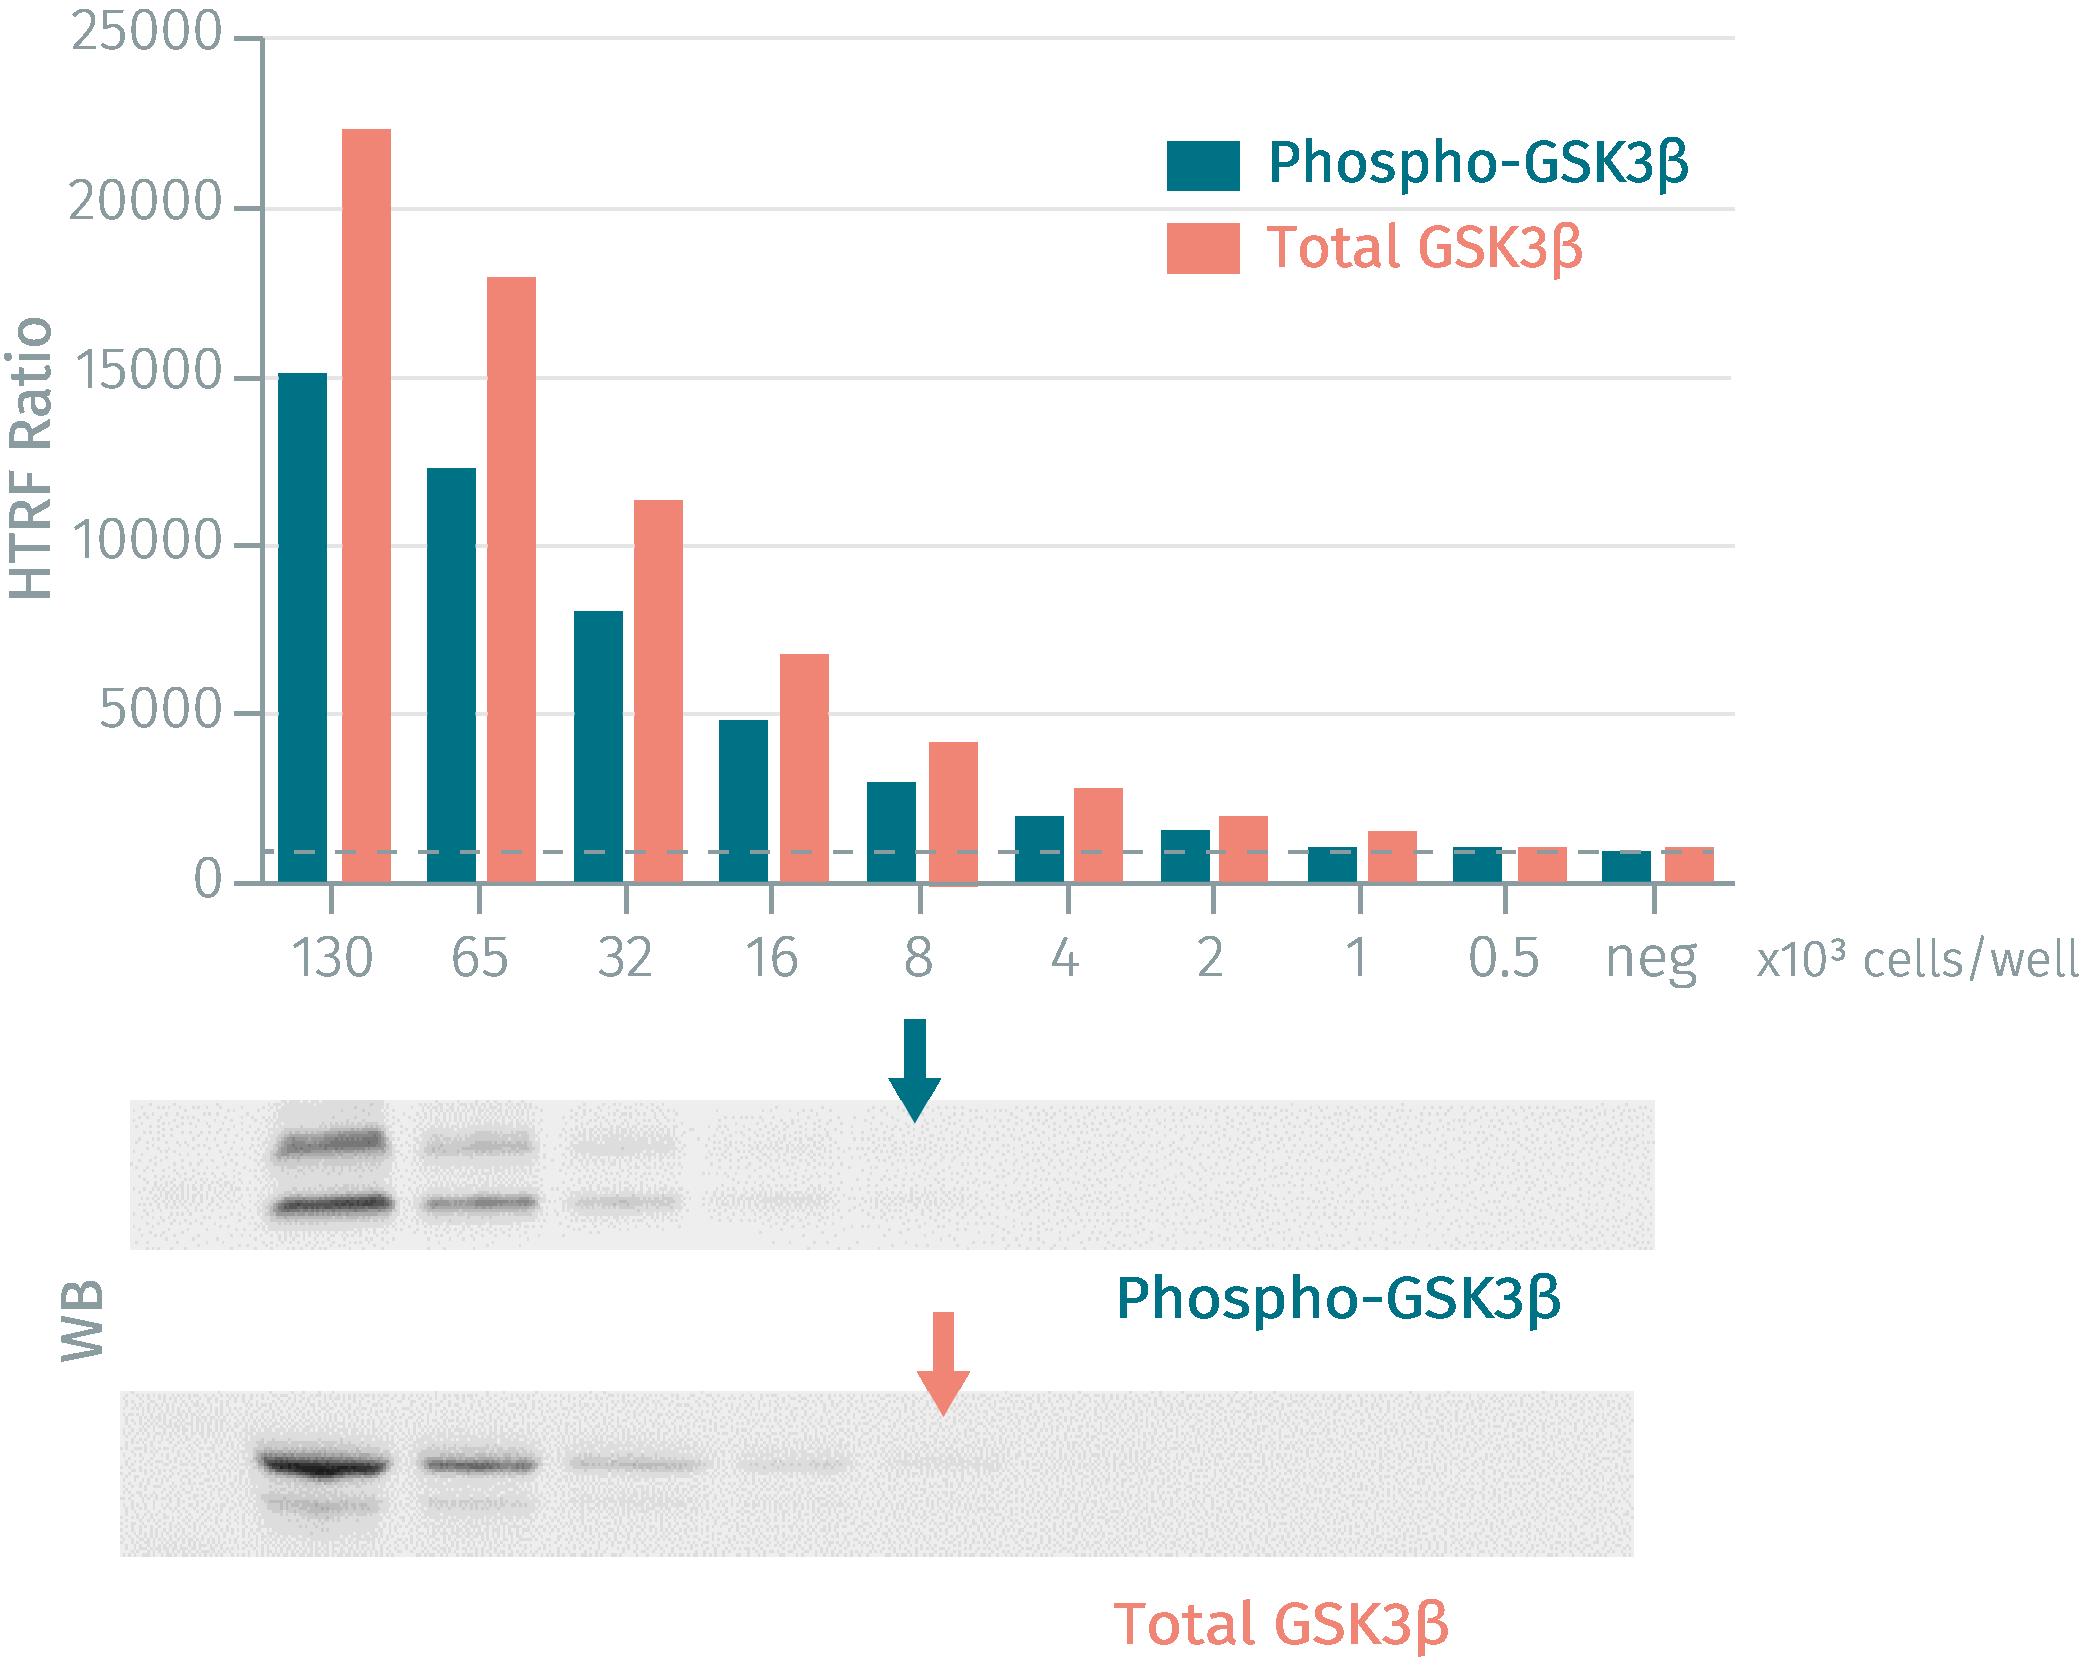 HTRF assay compared to Western Blot using phospho-GSK3ß and total-GSK3ß cellular assays